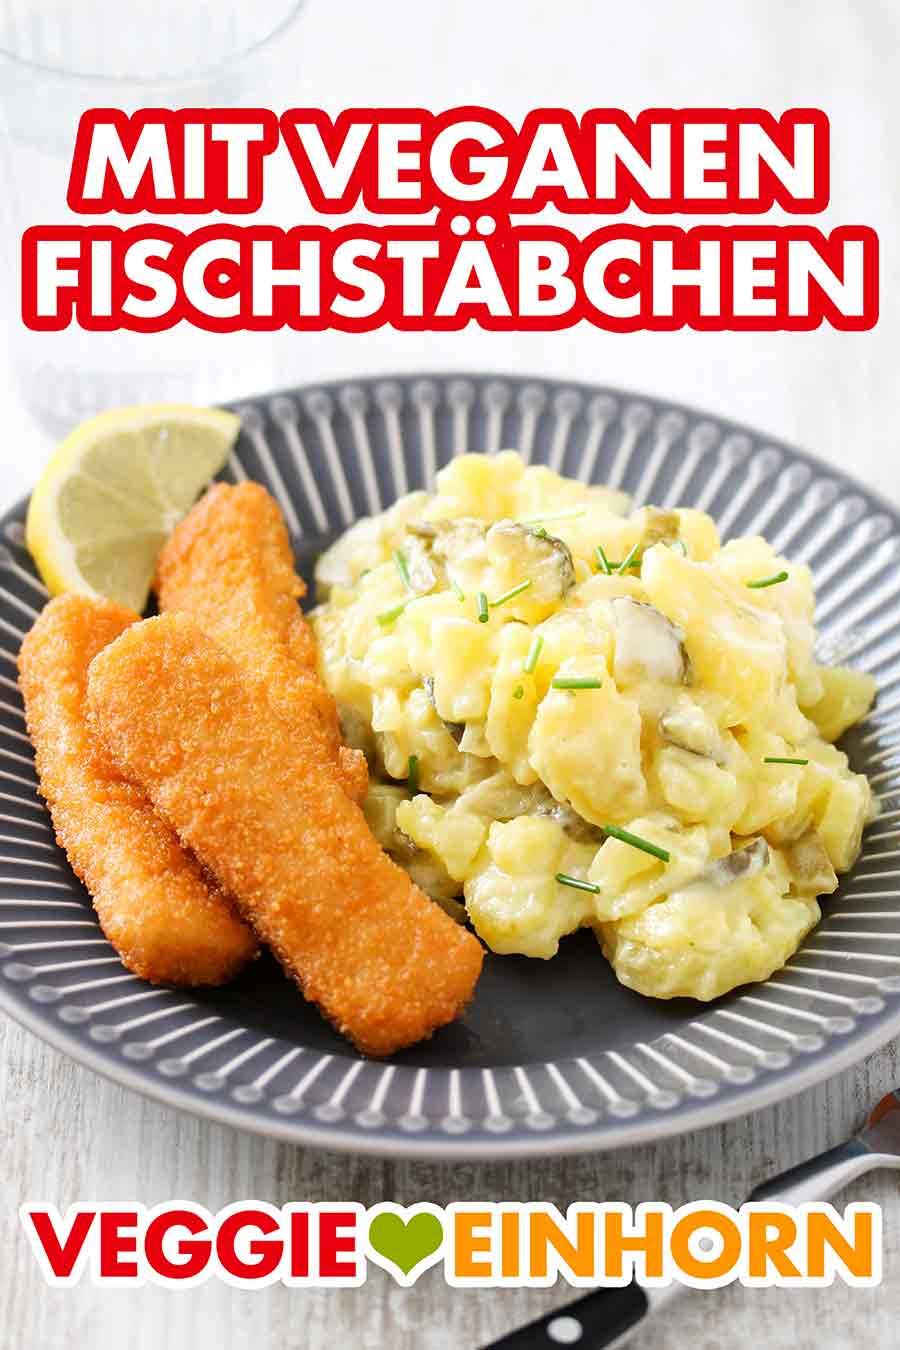 Ein Teller mit Kartoffelsalat und veganen Fischstäbchen